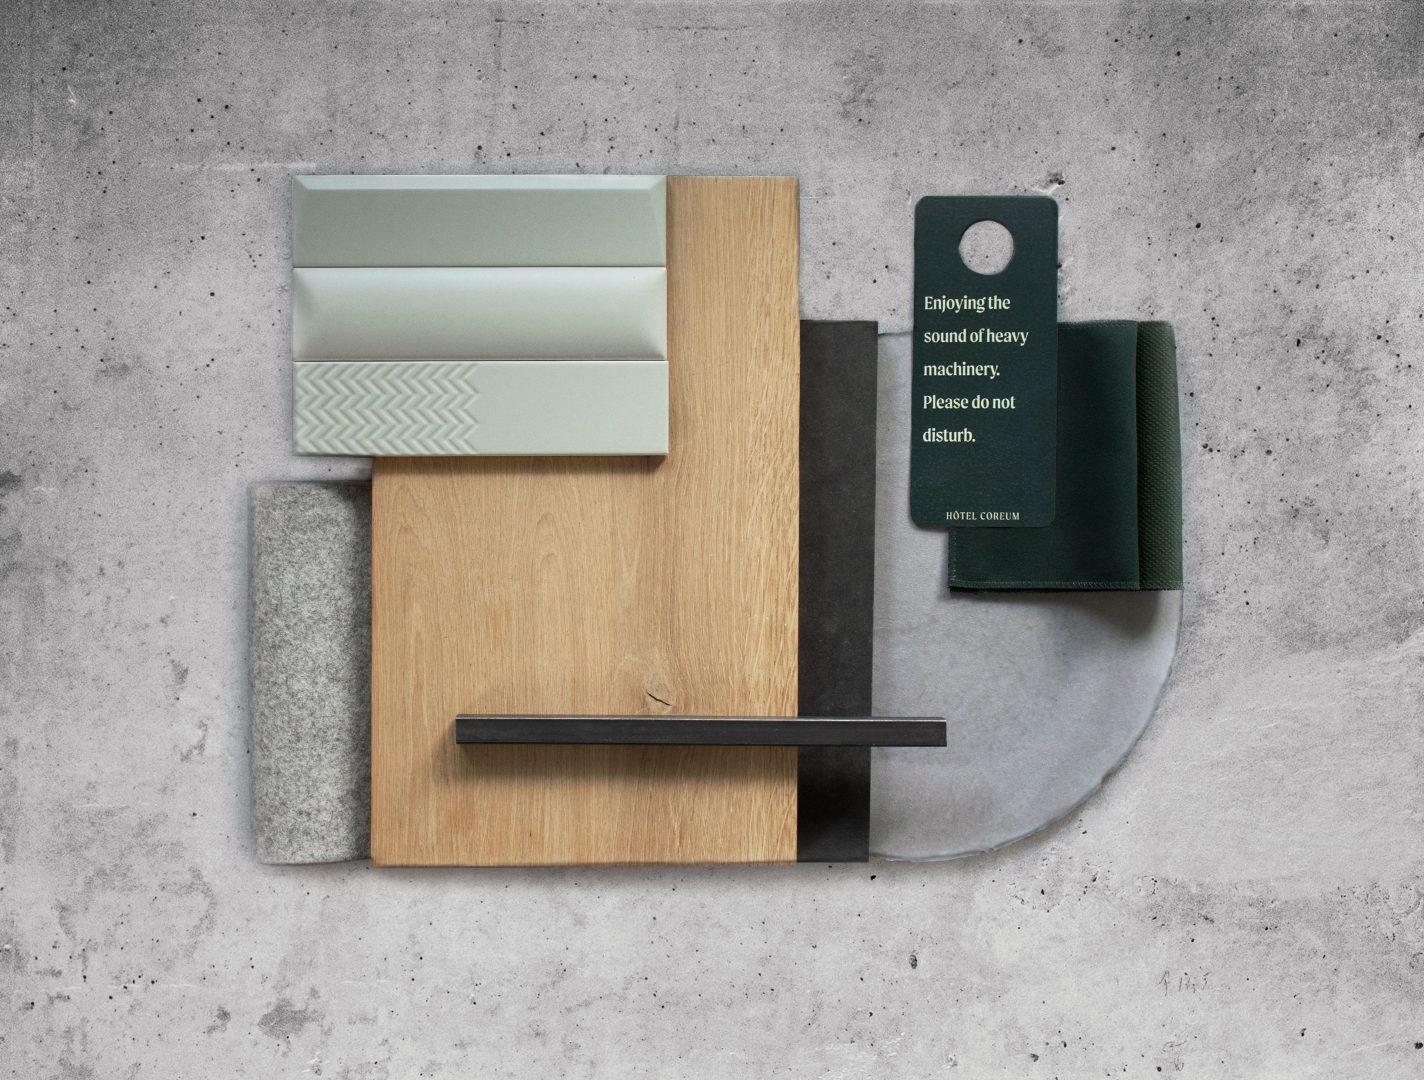 atelier-522-coreum-hotel-material